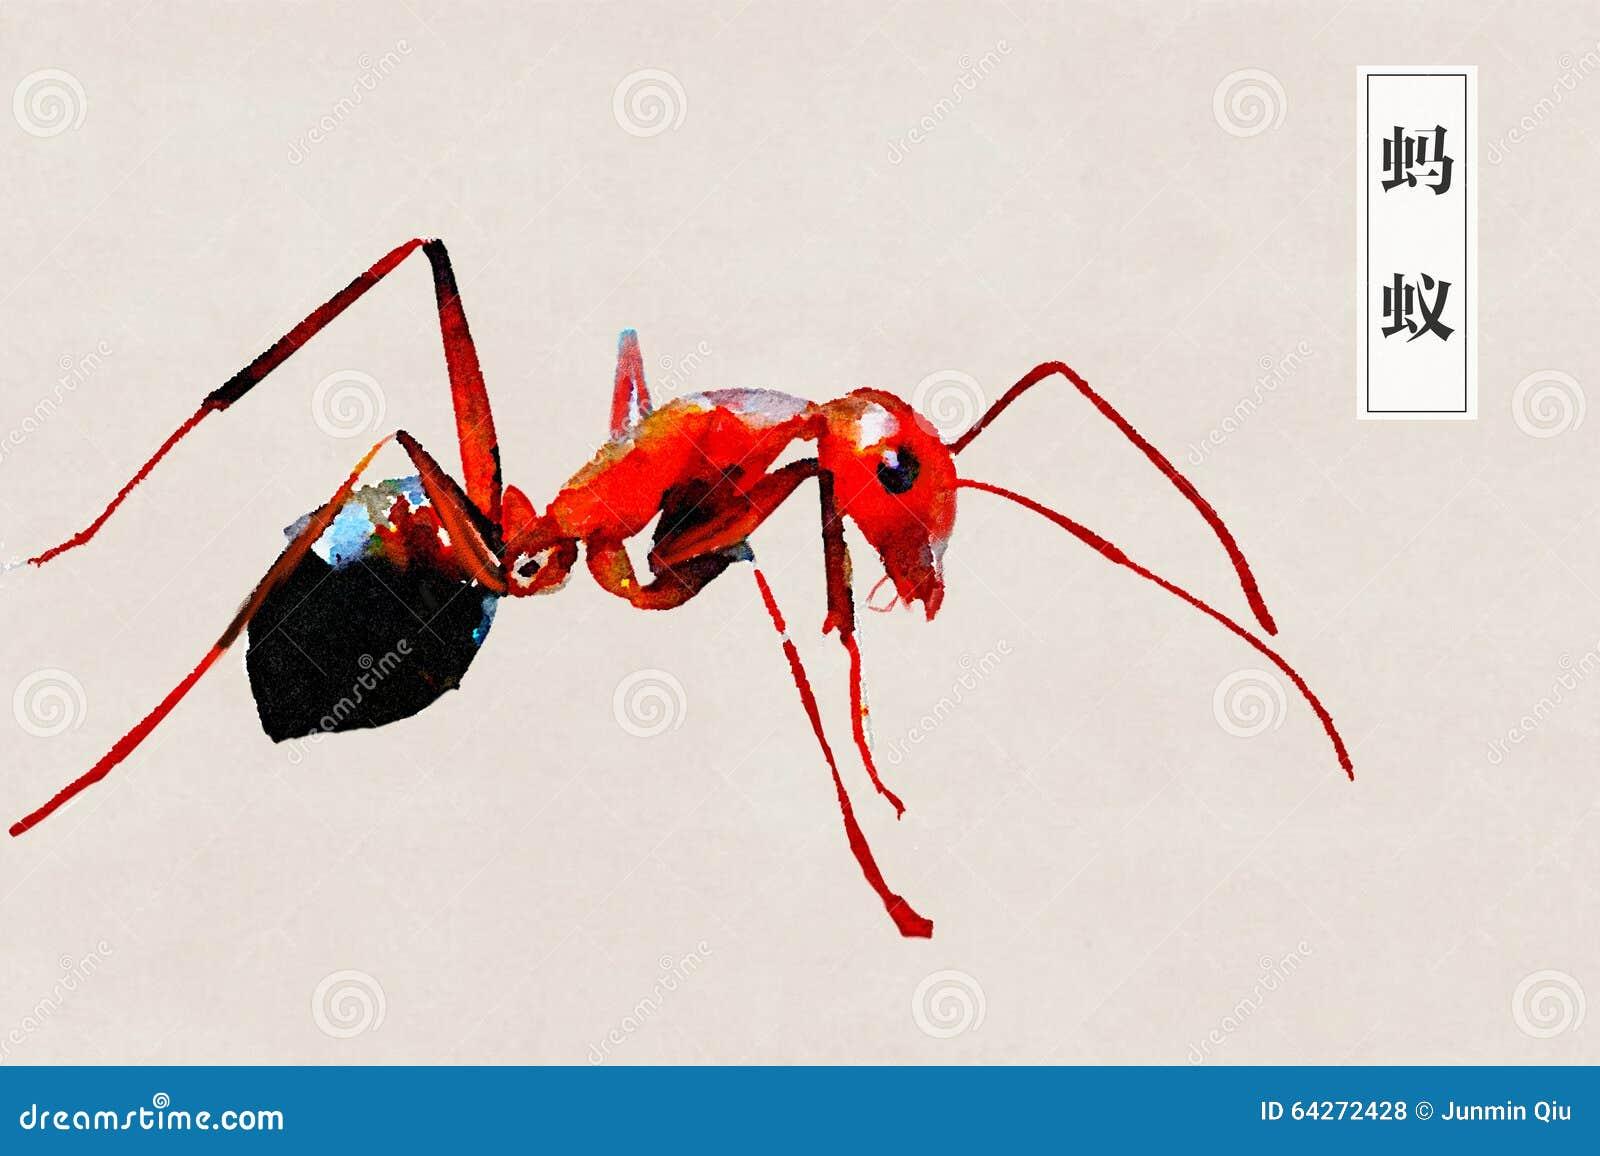 蚂蚁,昆虫,努力,一起,天线,火蚂蚁,咬住,水彩,绘,绘,艺术,设计图片